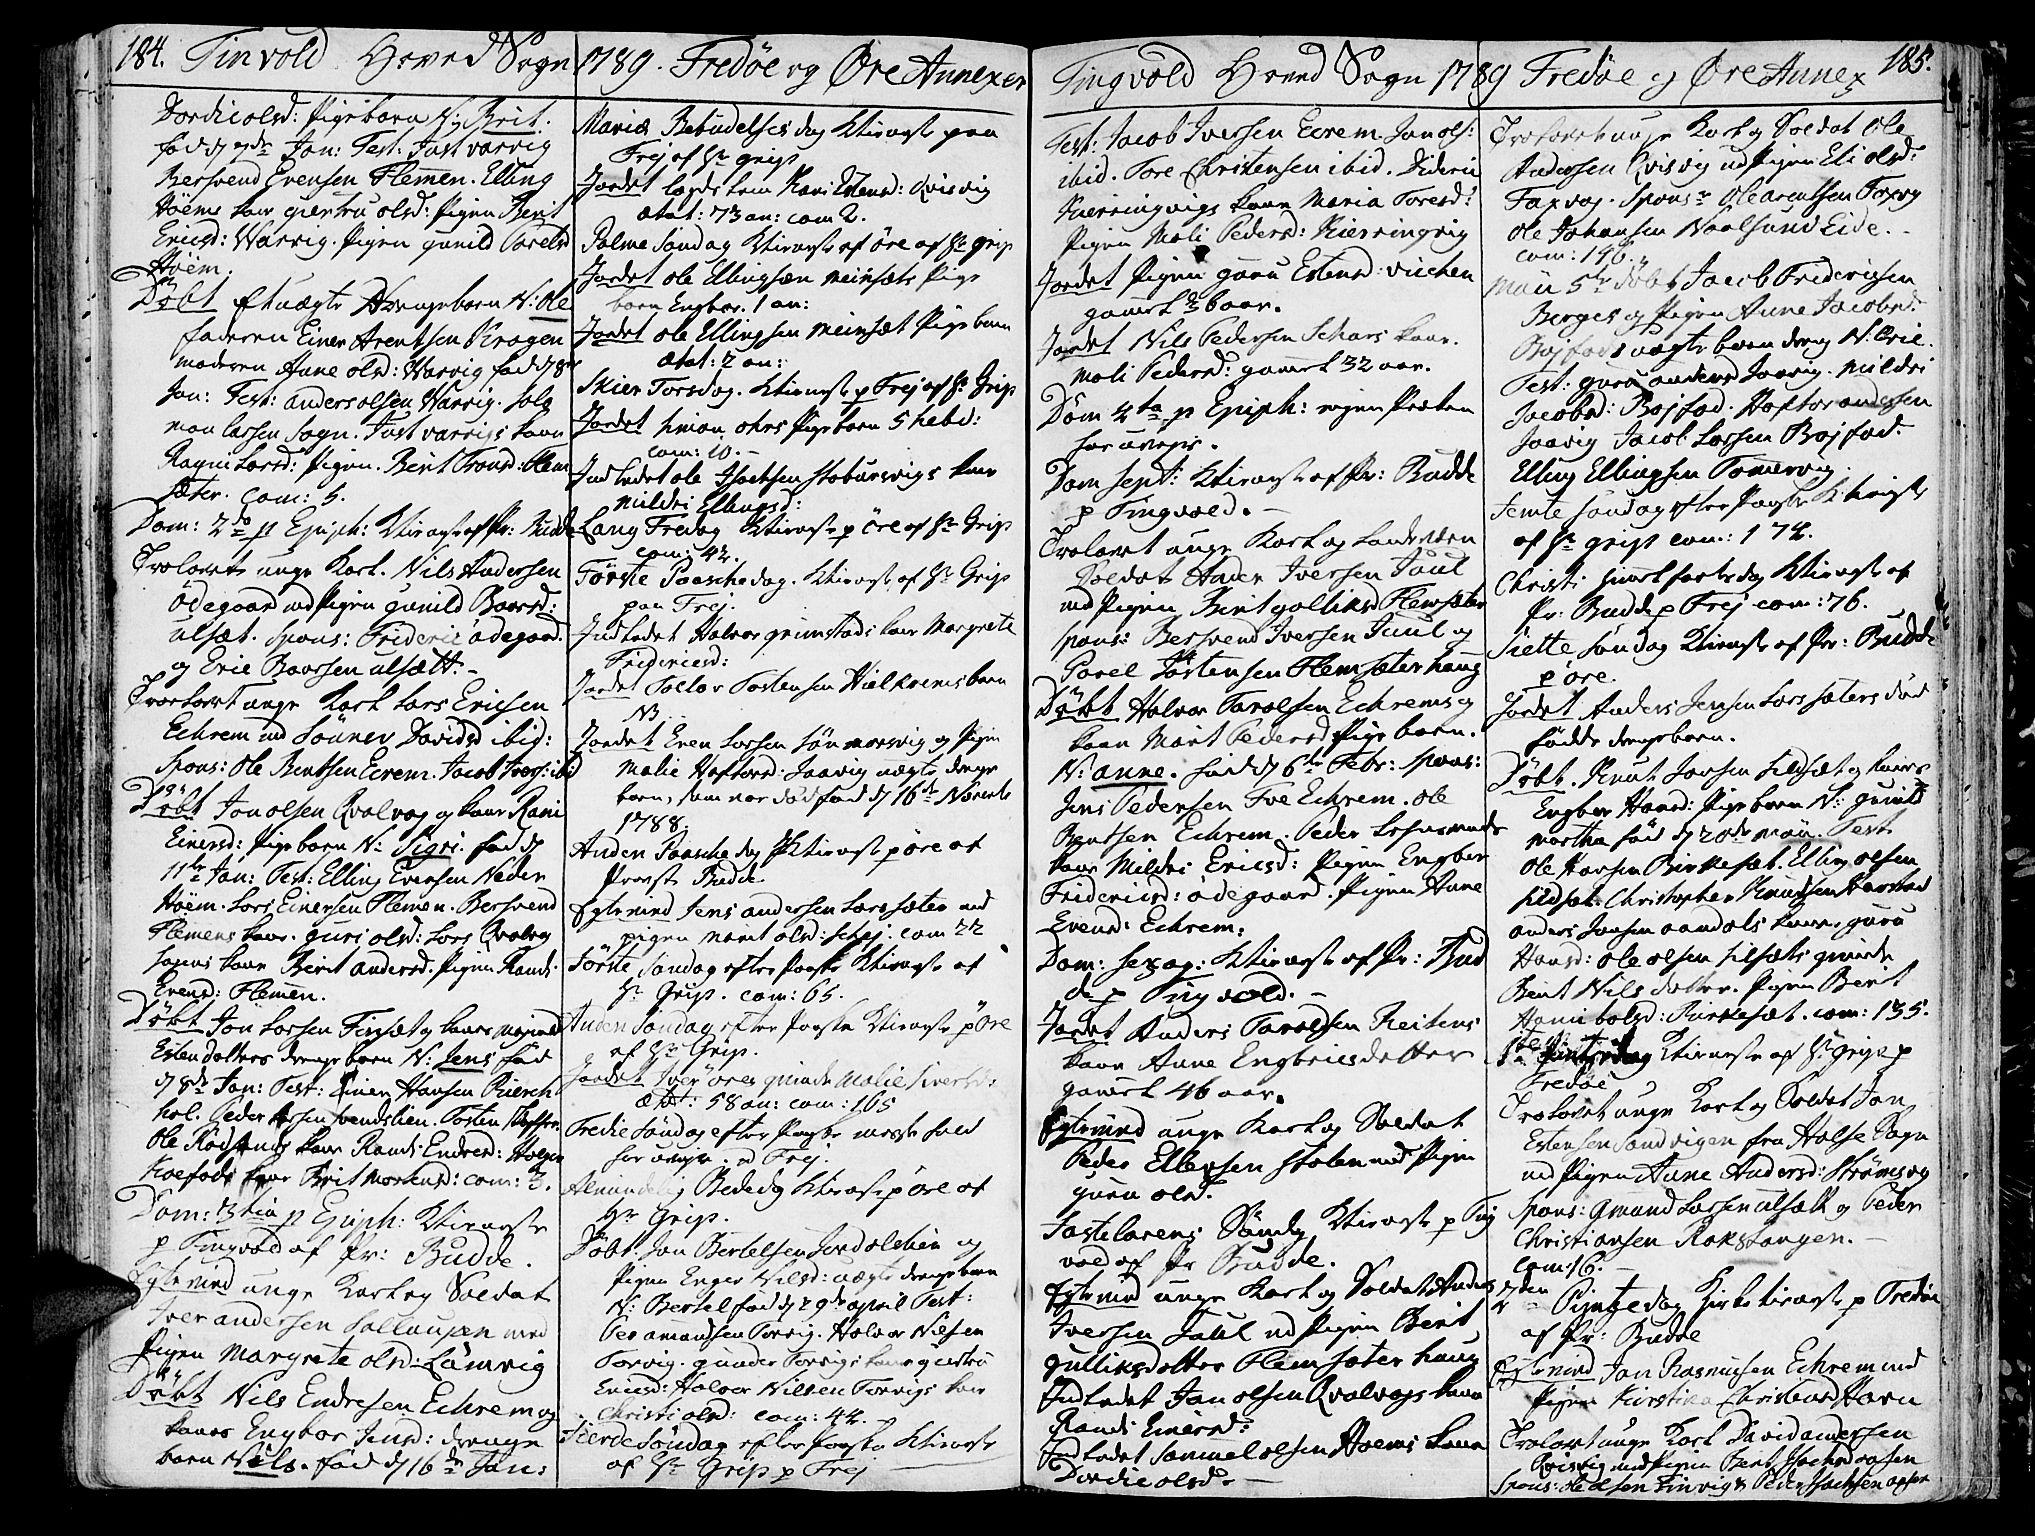 SAT, Ministerialprotokoller, klokkerbøker og fødselsregistre - Møre og Romsdal, 586/L0980: Ministerialbok nr. 586A06, 1776-1794, s. 184-185